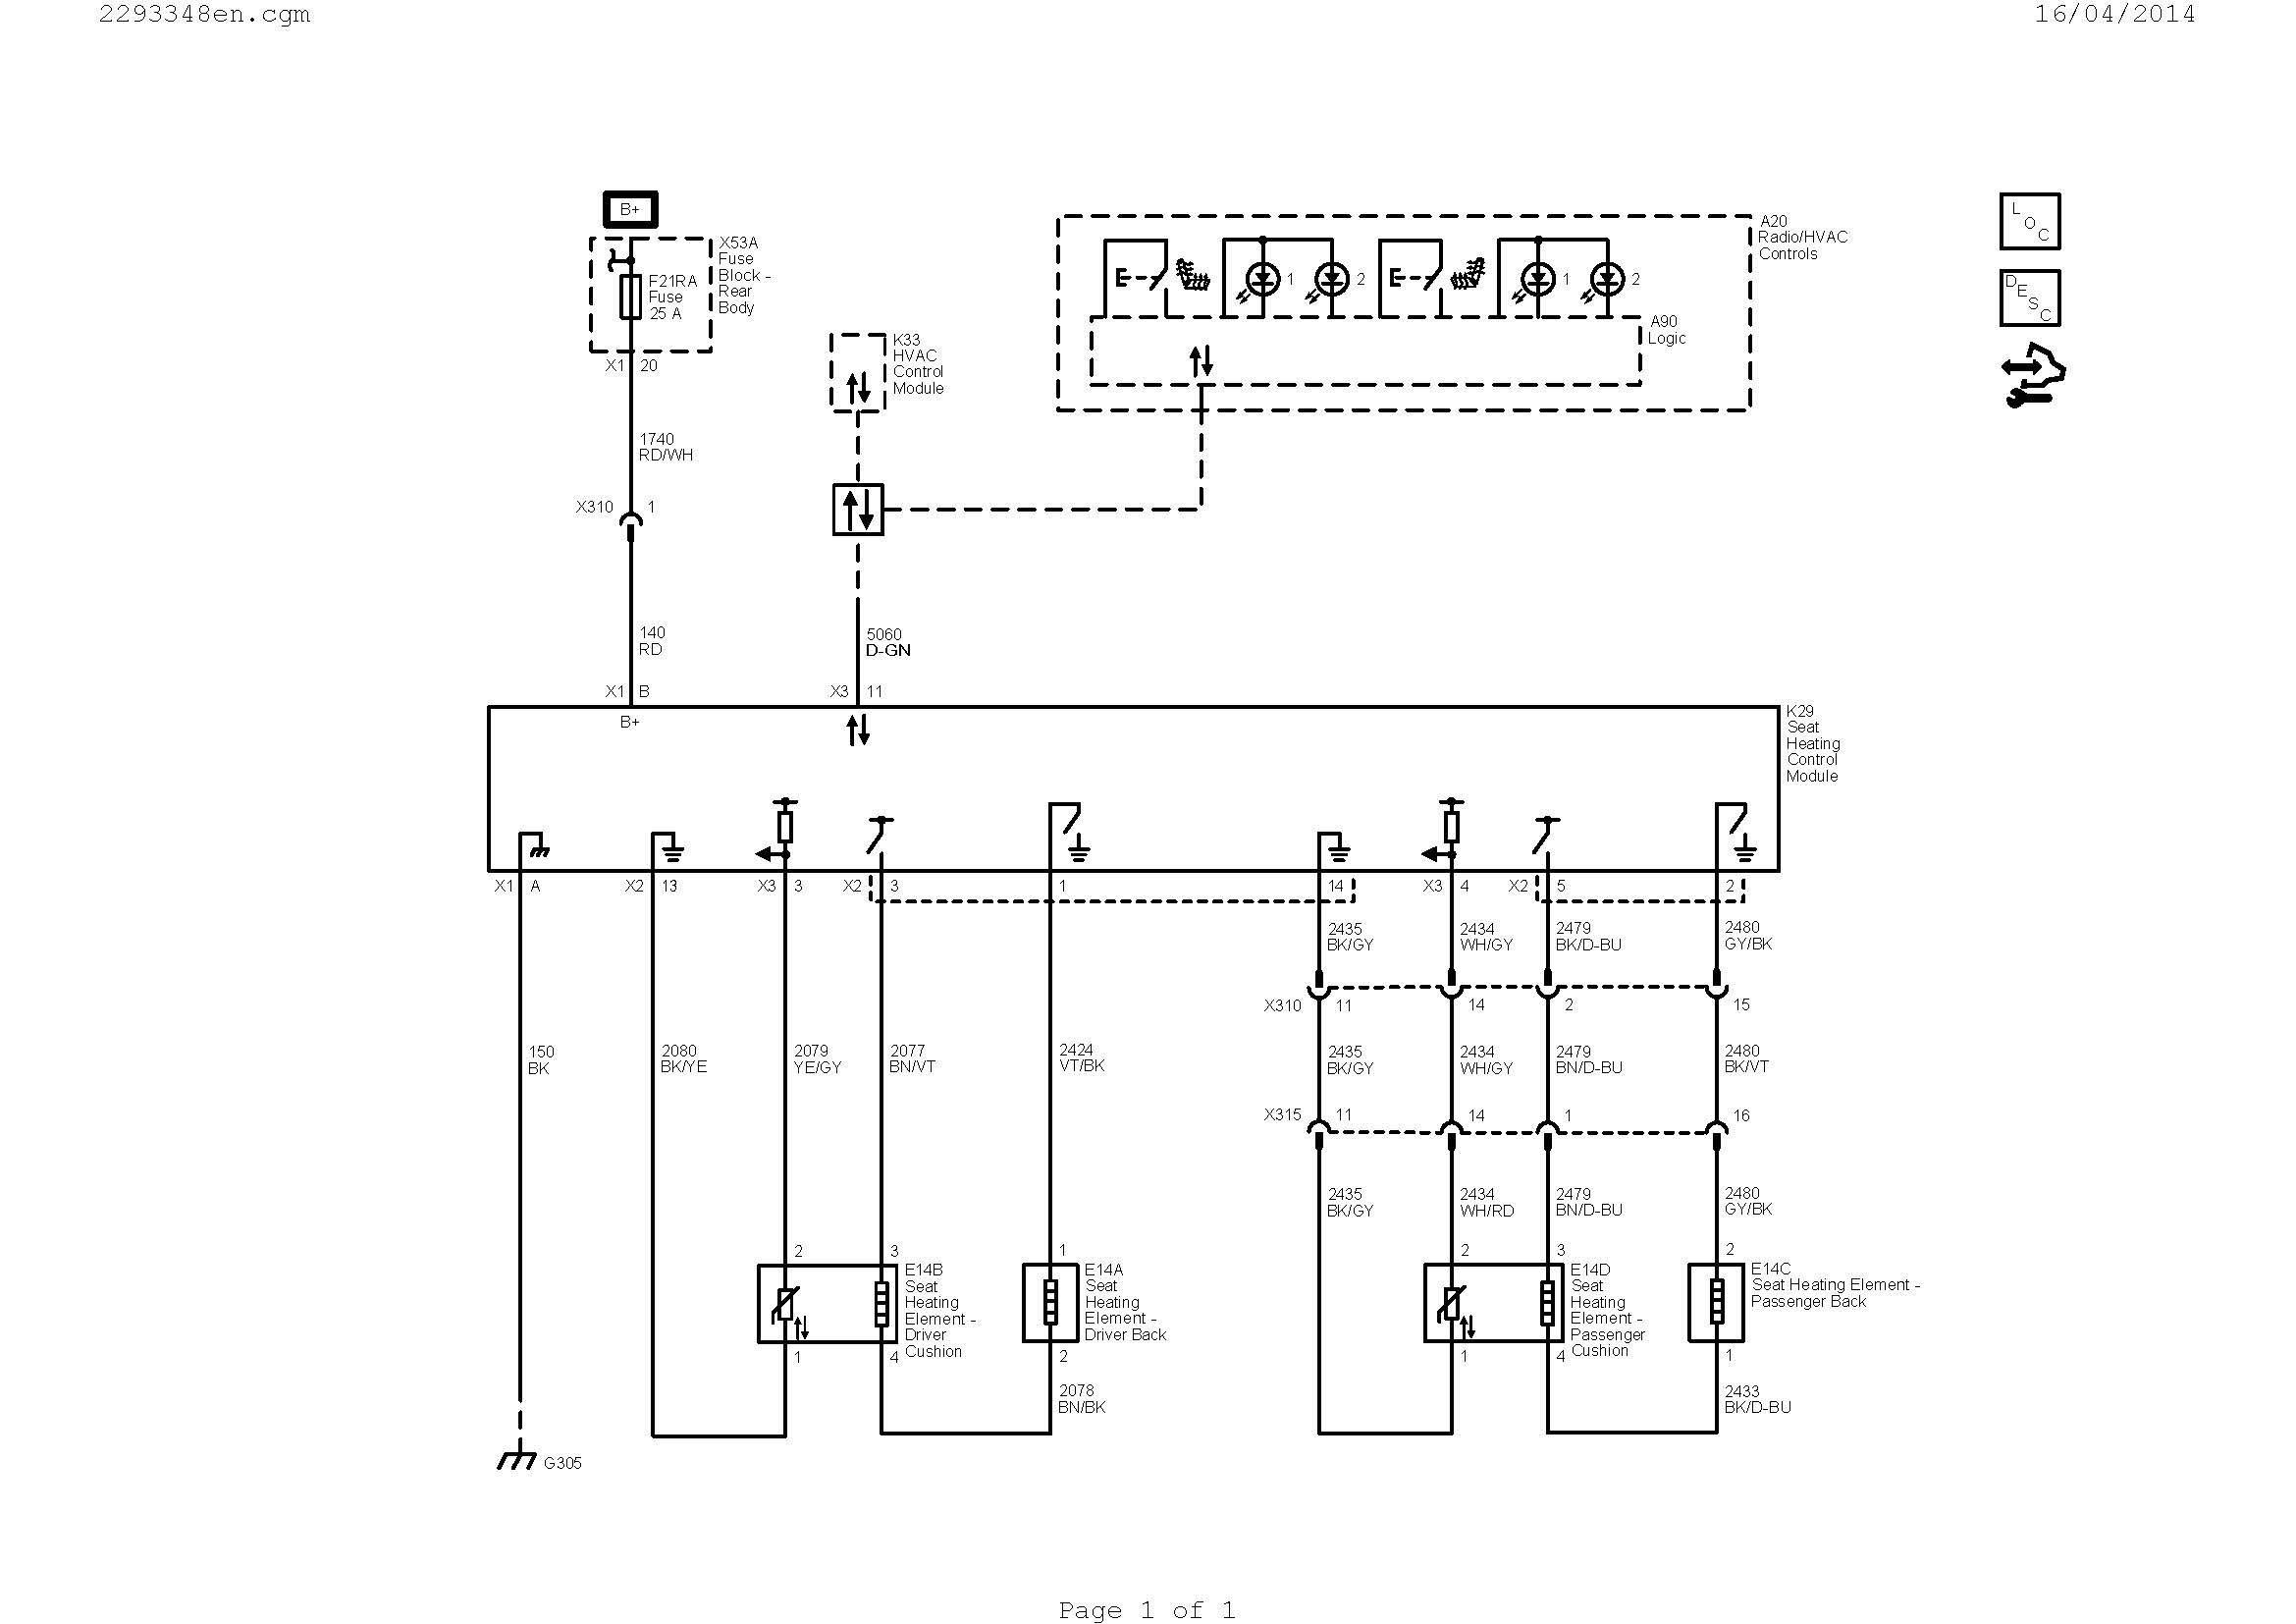 blower motor wiring diagram Download-furnace blower motor wiring diagram Download Wiring A Ac thermostat Diagram New Wiring Diagram Ac DOWNLOAD Wiring Diagram 2-b